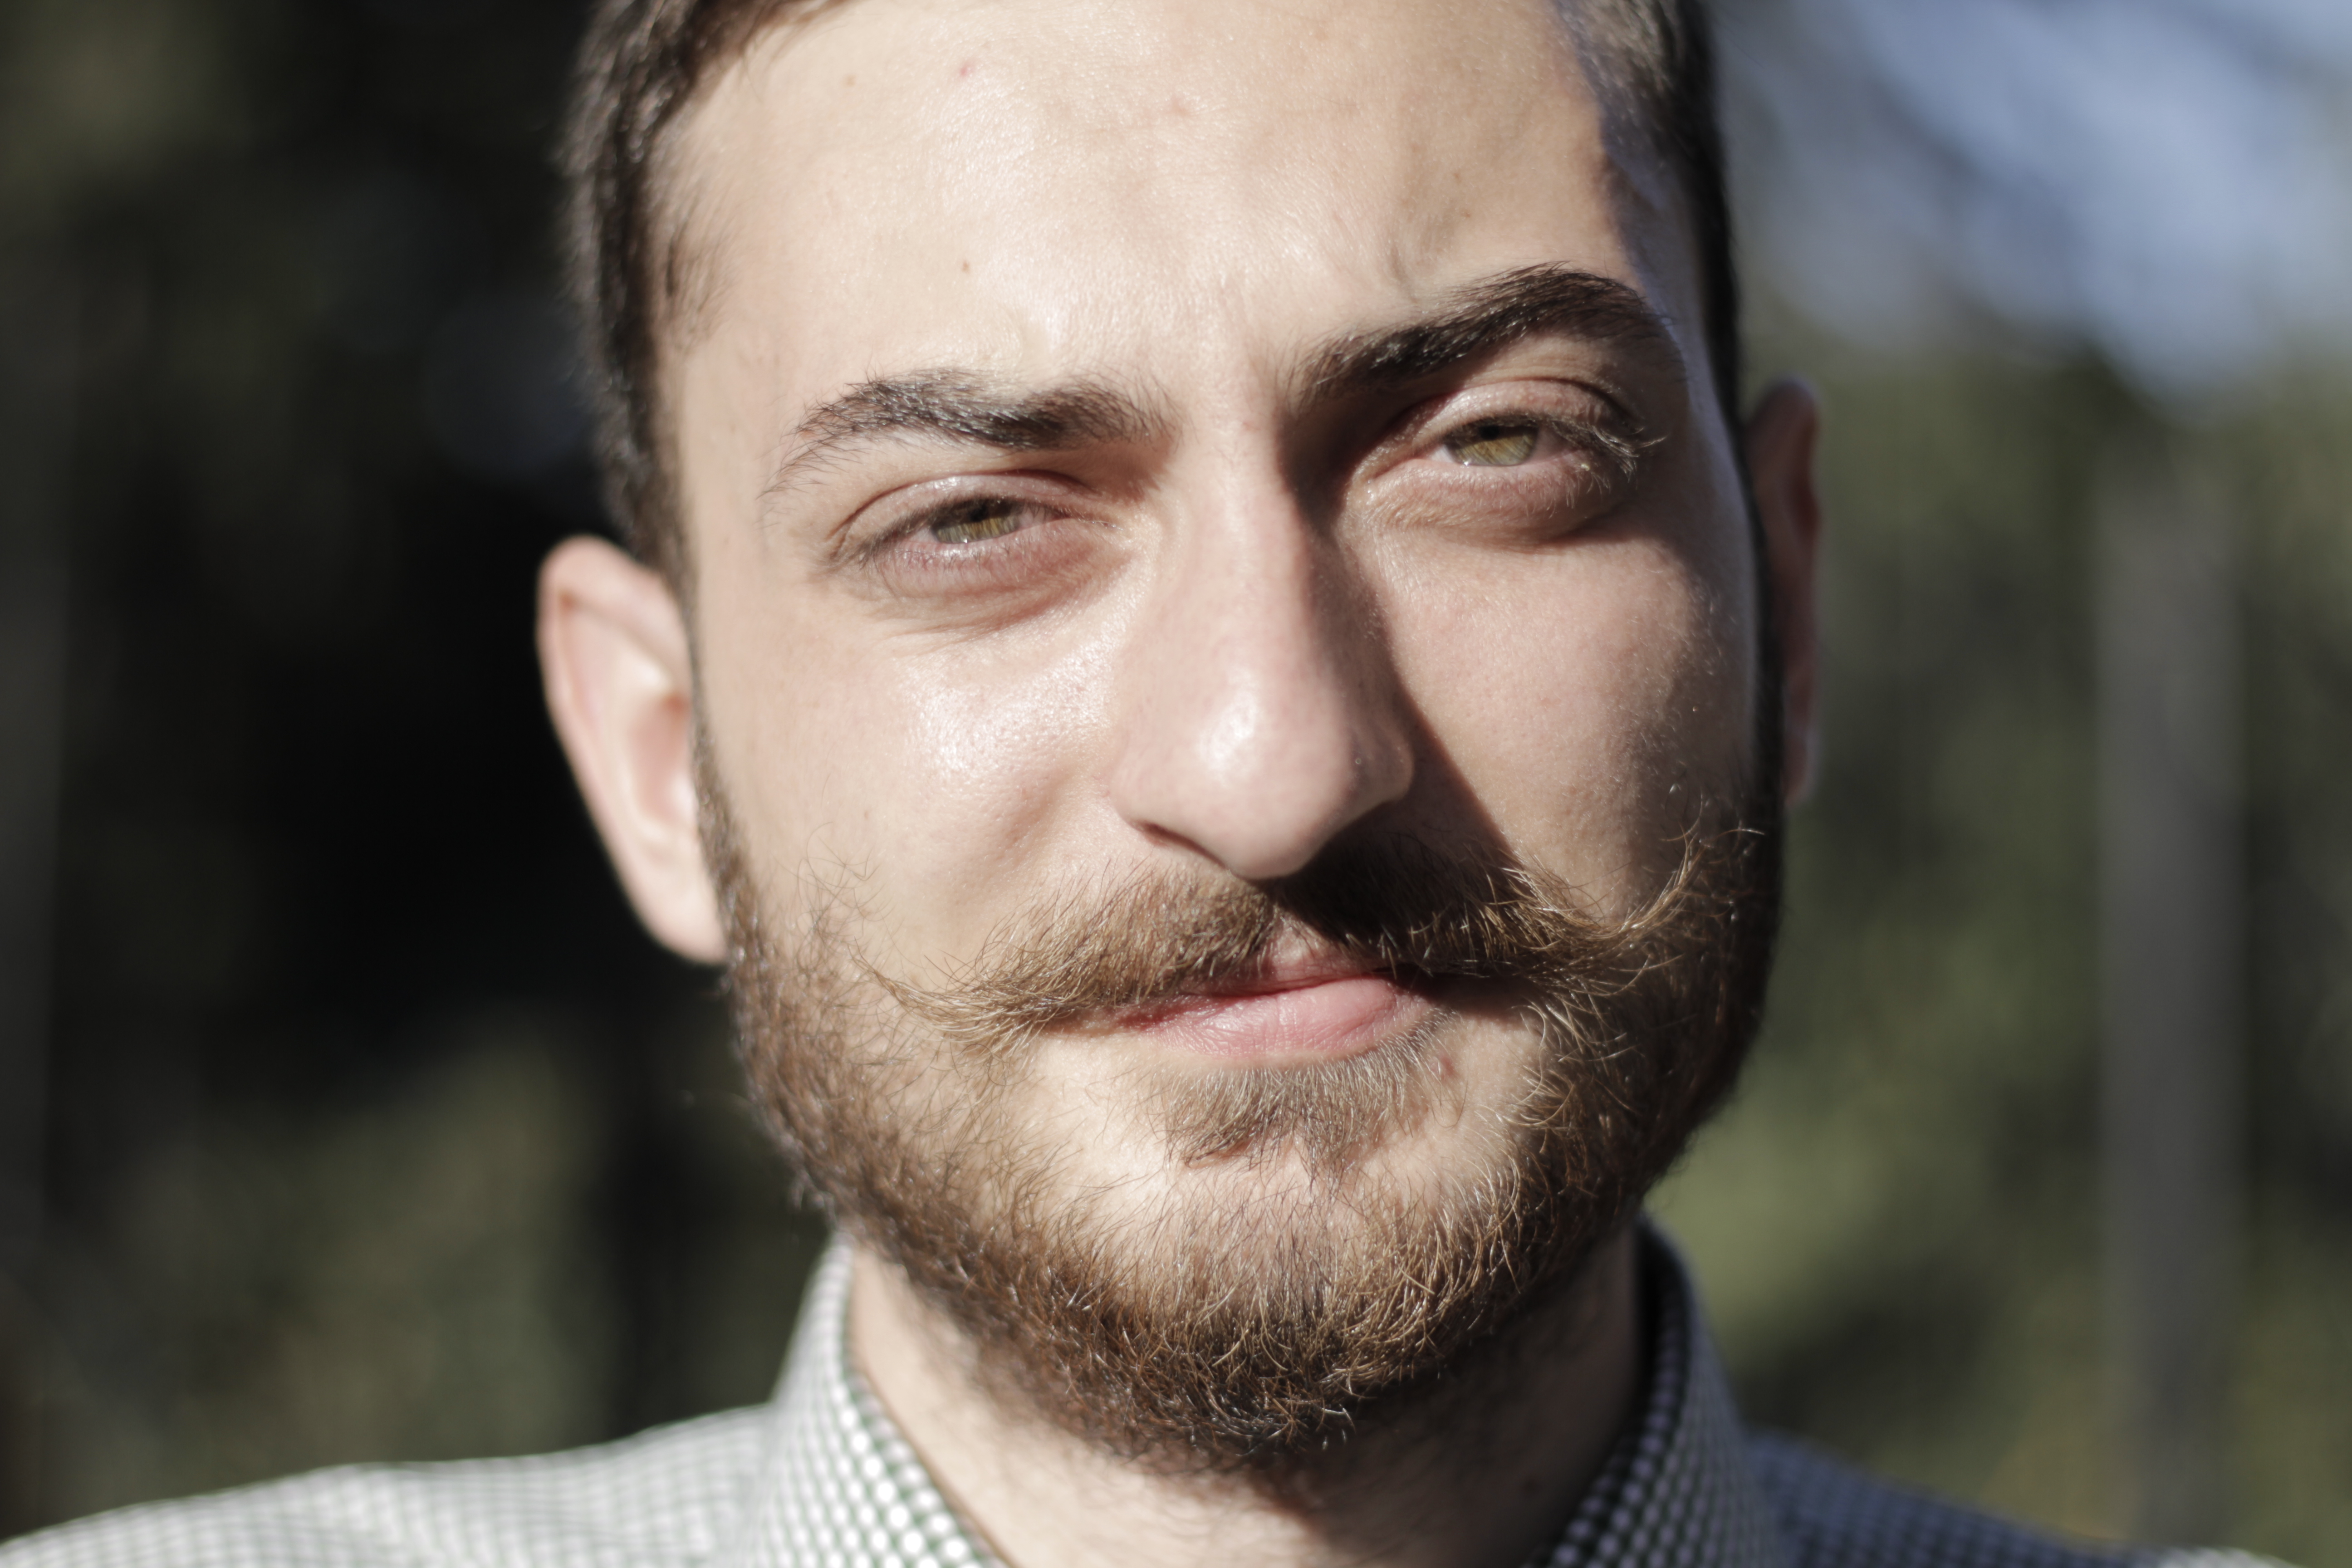 ინტერპელაცია ქართულ კონტექსტში: მოლოდინები და იმედგაცრუებები